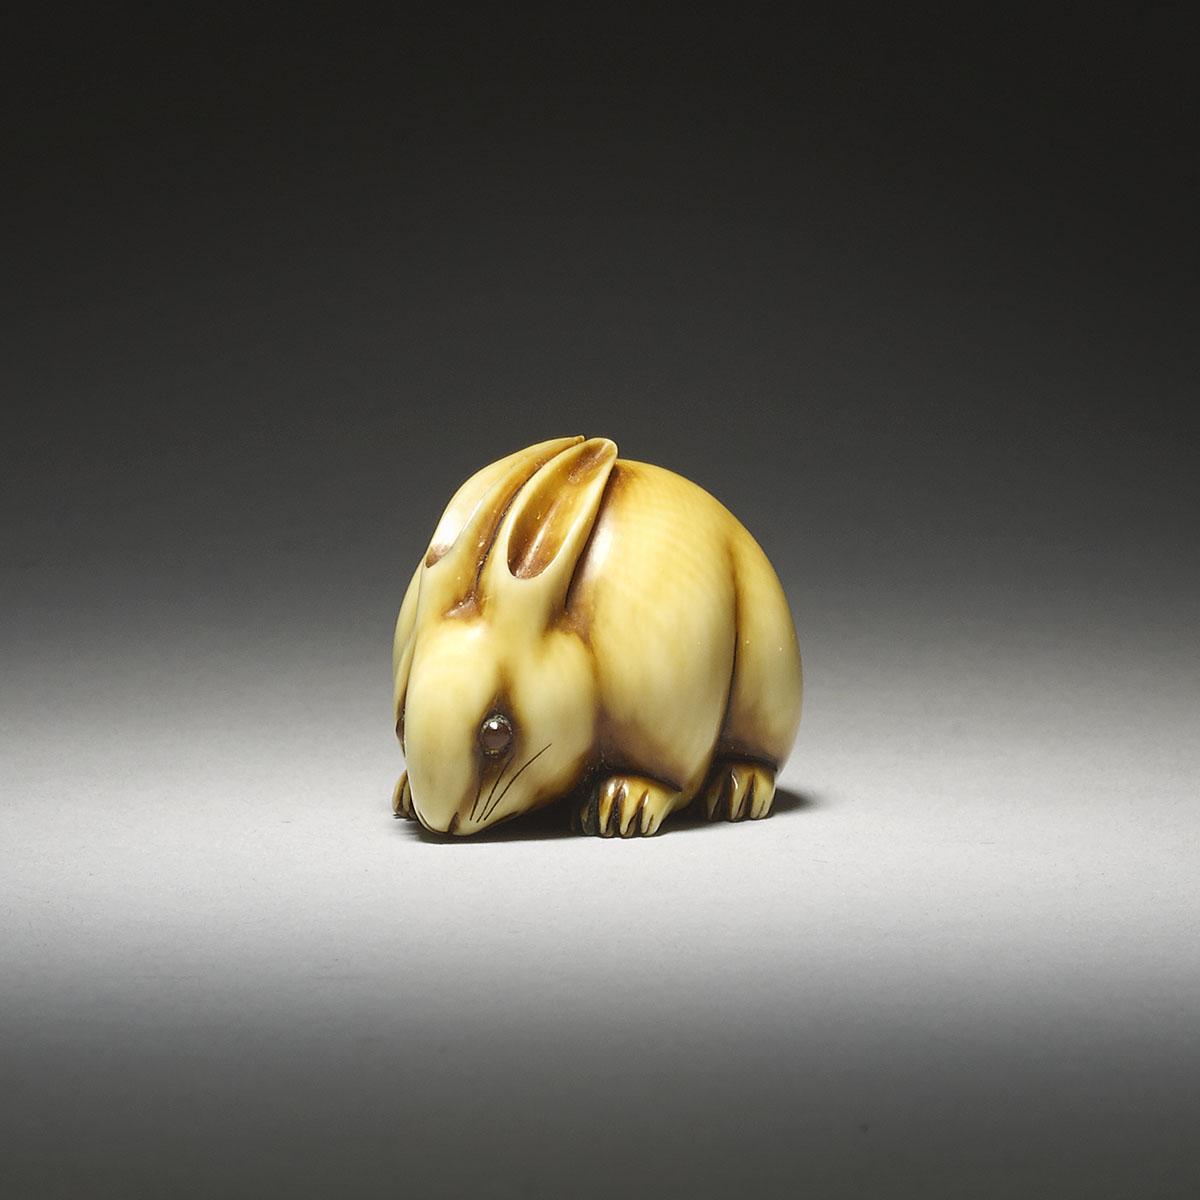 Rare Ivory Netsuke of a Rabbit by Ohara Mitsuhiro_MR2882_v1